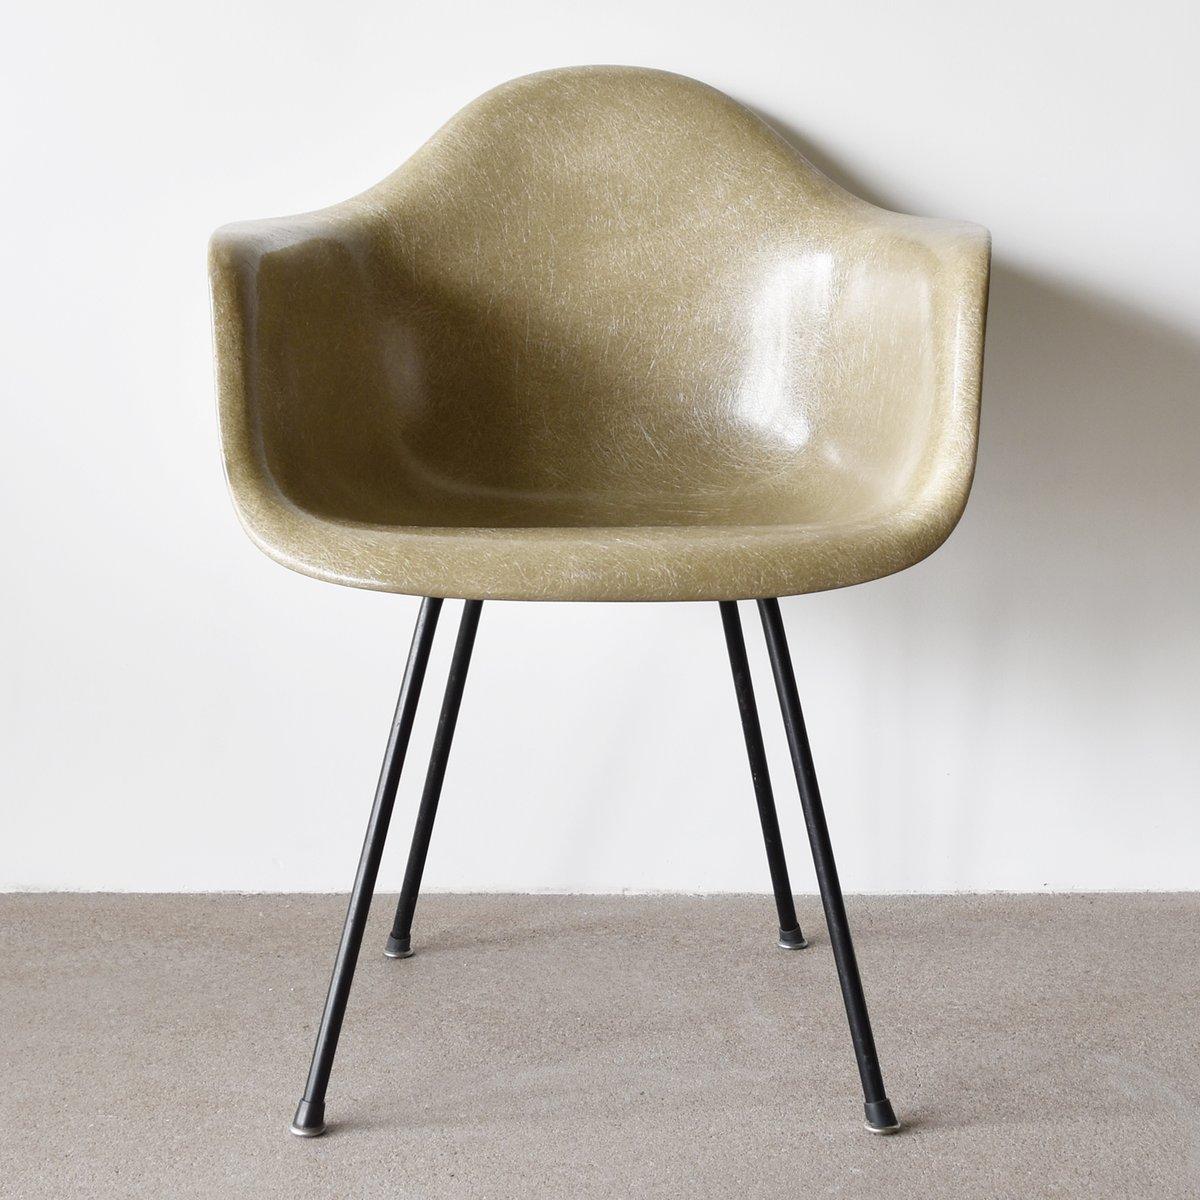 greiger dax stuhl von charles und ray eames f r herman miller zenith bei pamono kaufen. Black Bedroom Furniture Sets. Home Design Ideas